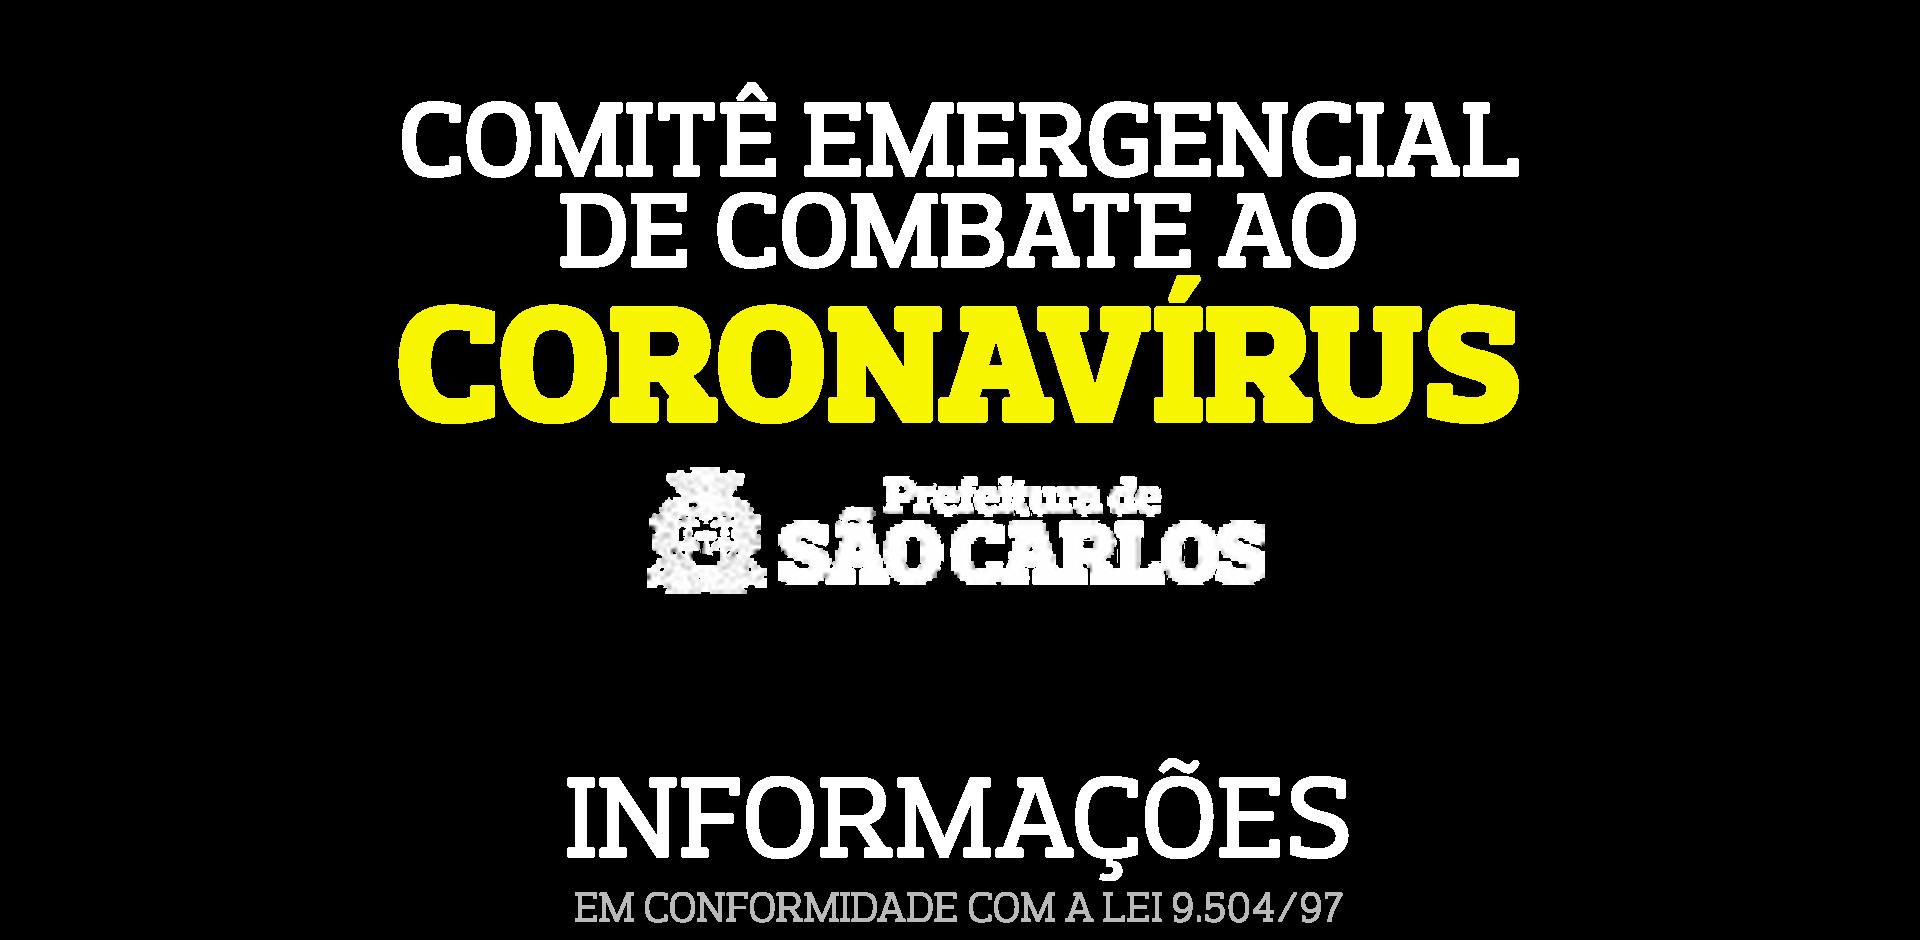 Subcomitê de Comunicação de Combate ao Coronavírus